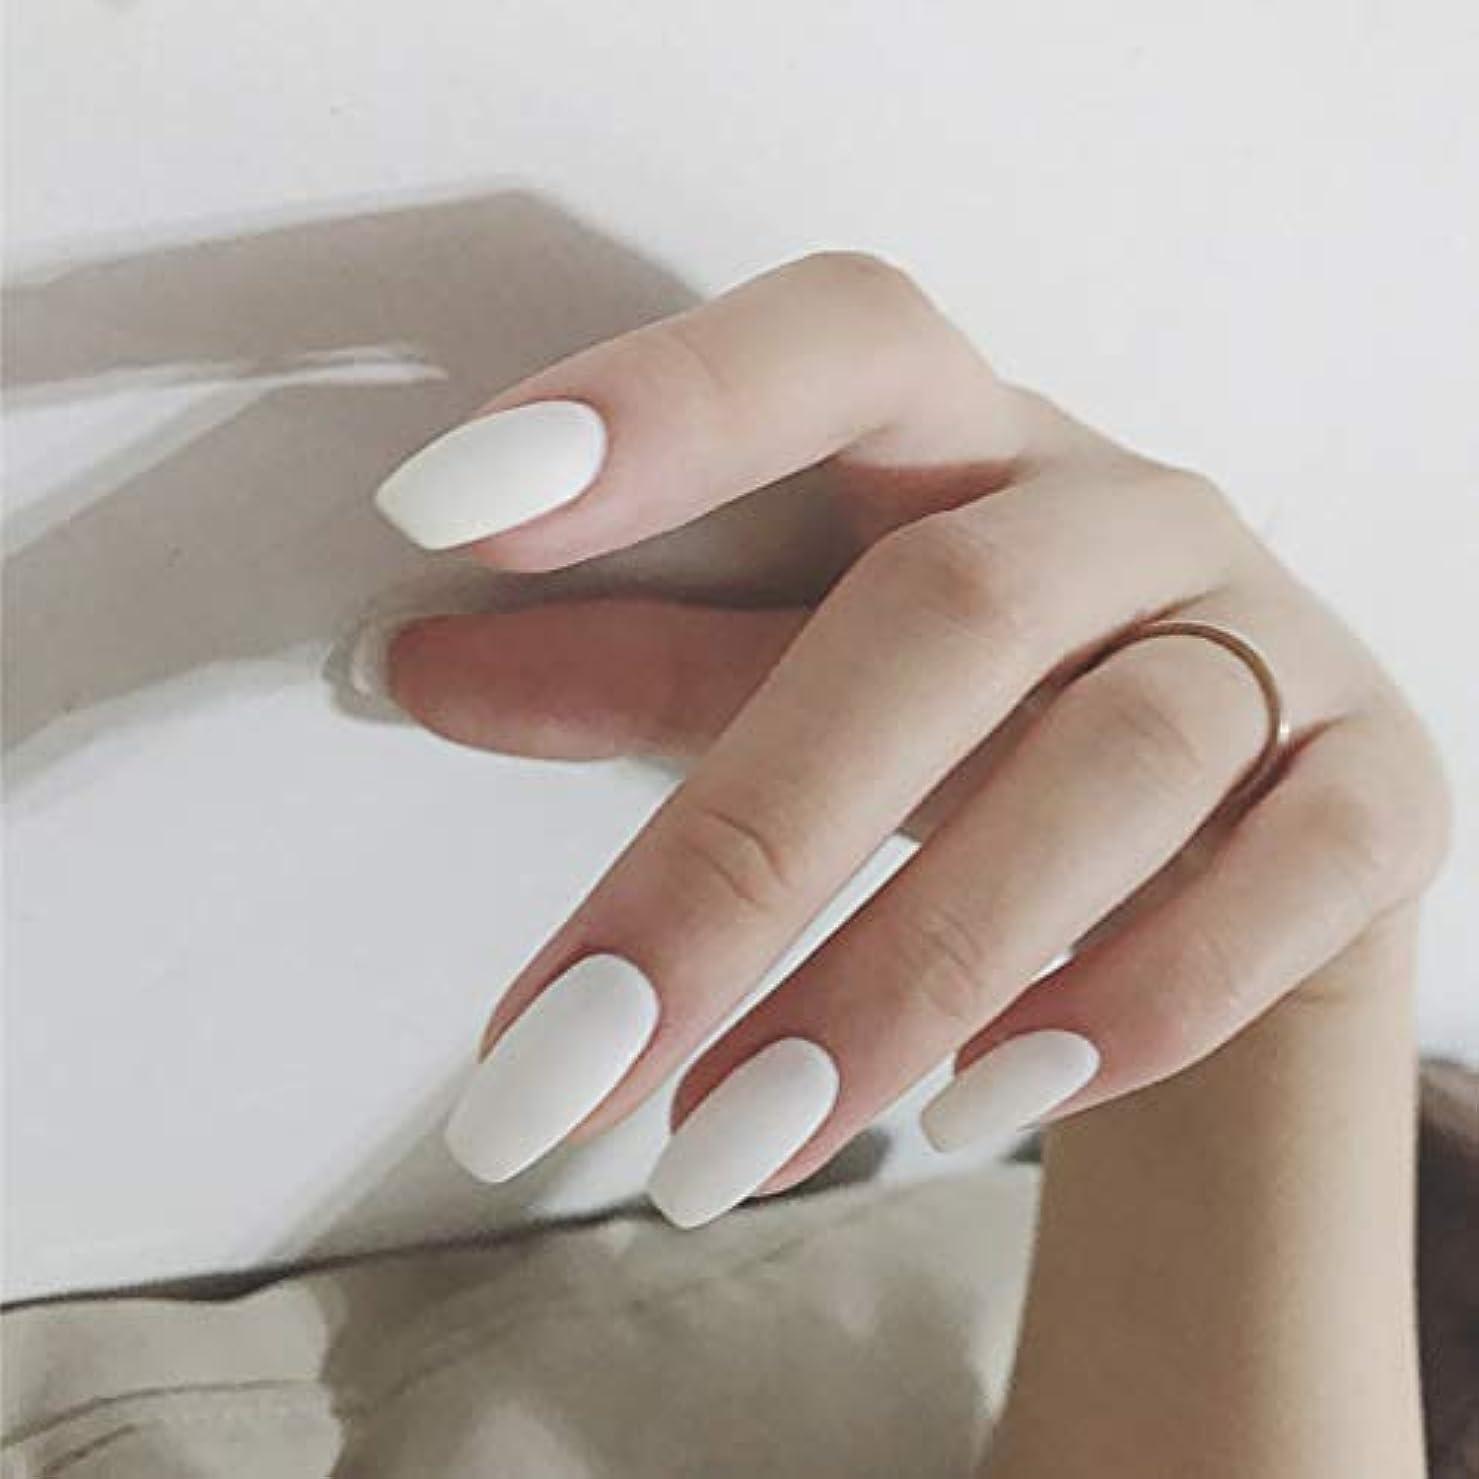 アラブ暗黙衝突ins 人気のスタイル 24pcs ホワイト つや消しショート ネイルチップ 可愛い優雅ネイル 無地ネイルチップ バレエのネイル 長いスタイル